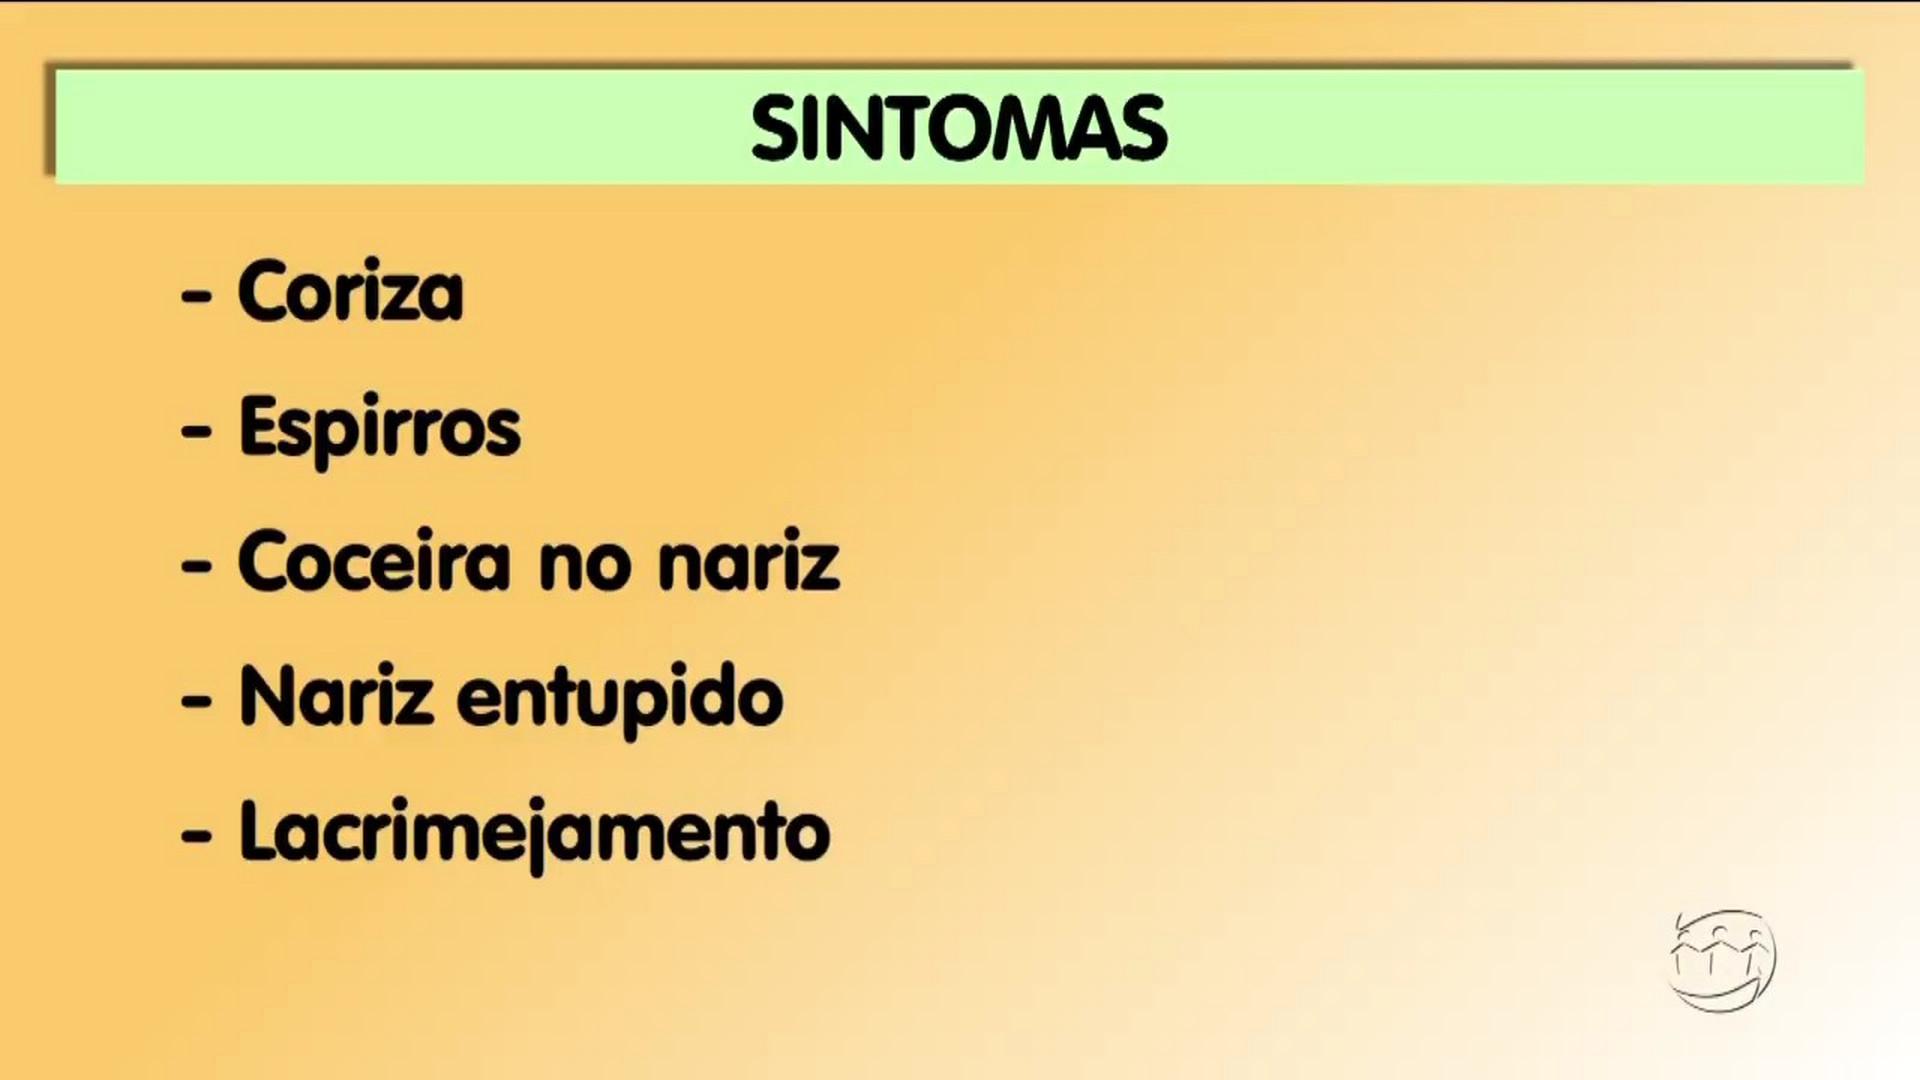 SAIBA COMO IDENTIFICAR E TRATAR PROBLEMAS RESPIRATÓRIOS - Magazine - 15/08/17